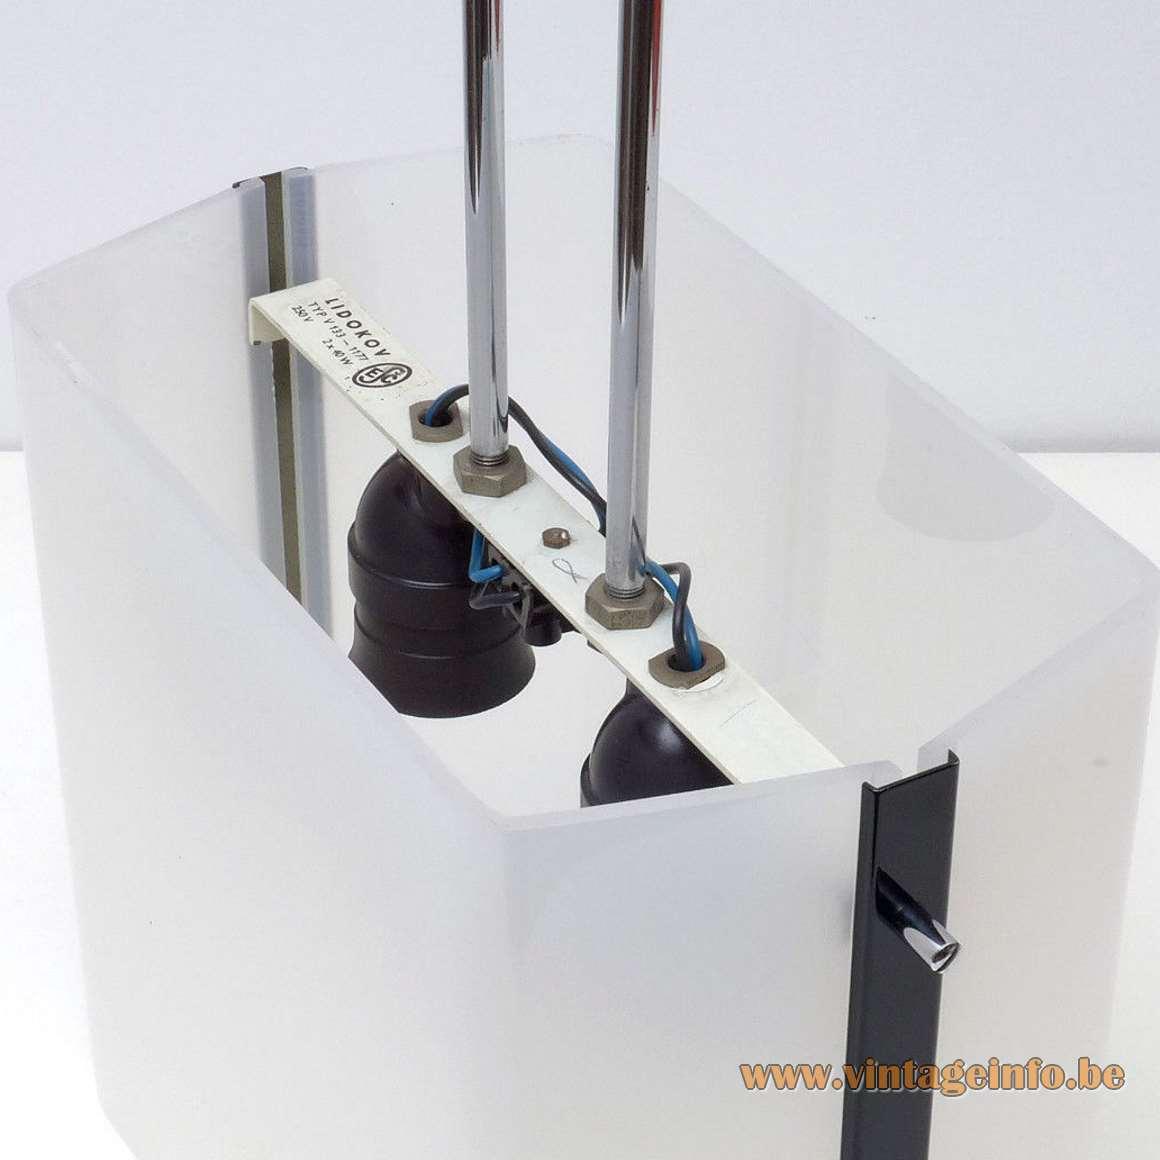 Lidokov Acrylic Pendant Lamp - L i d o k o v